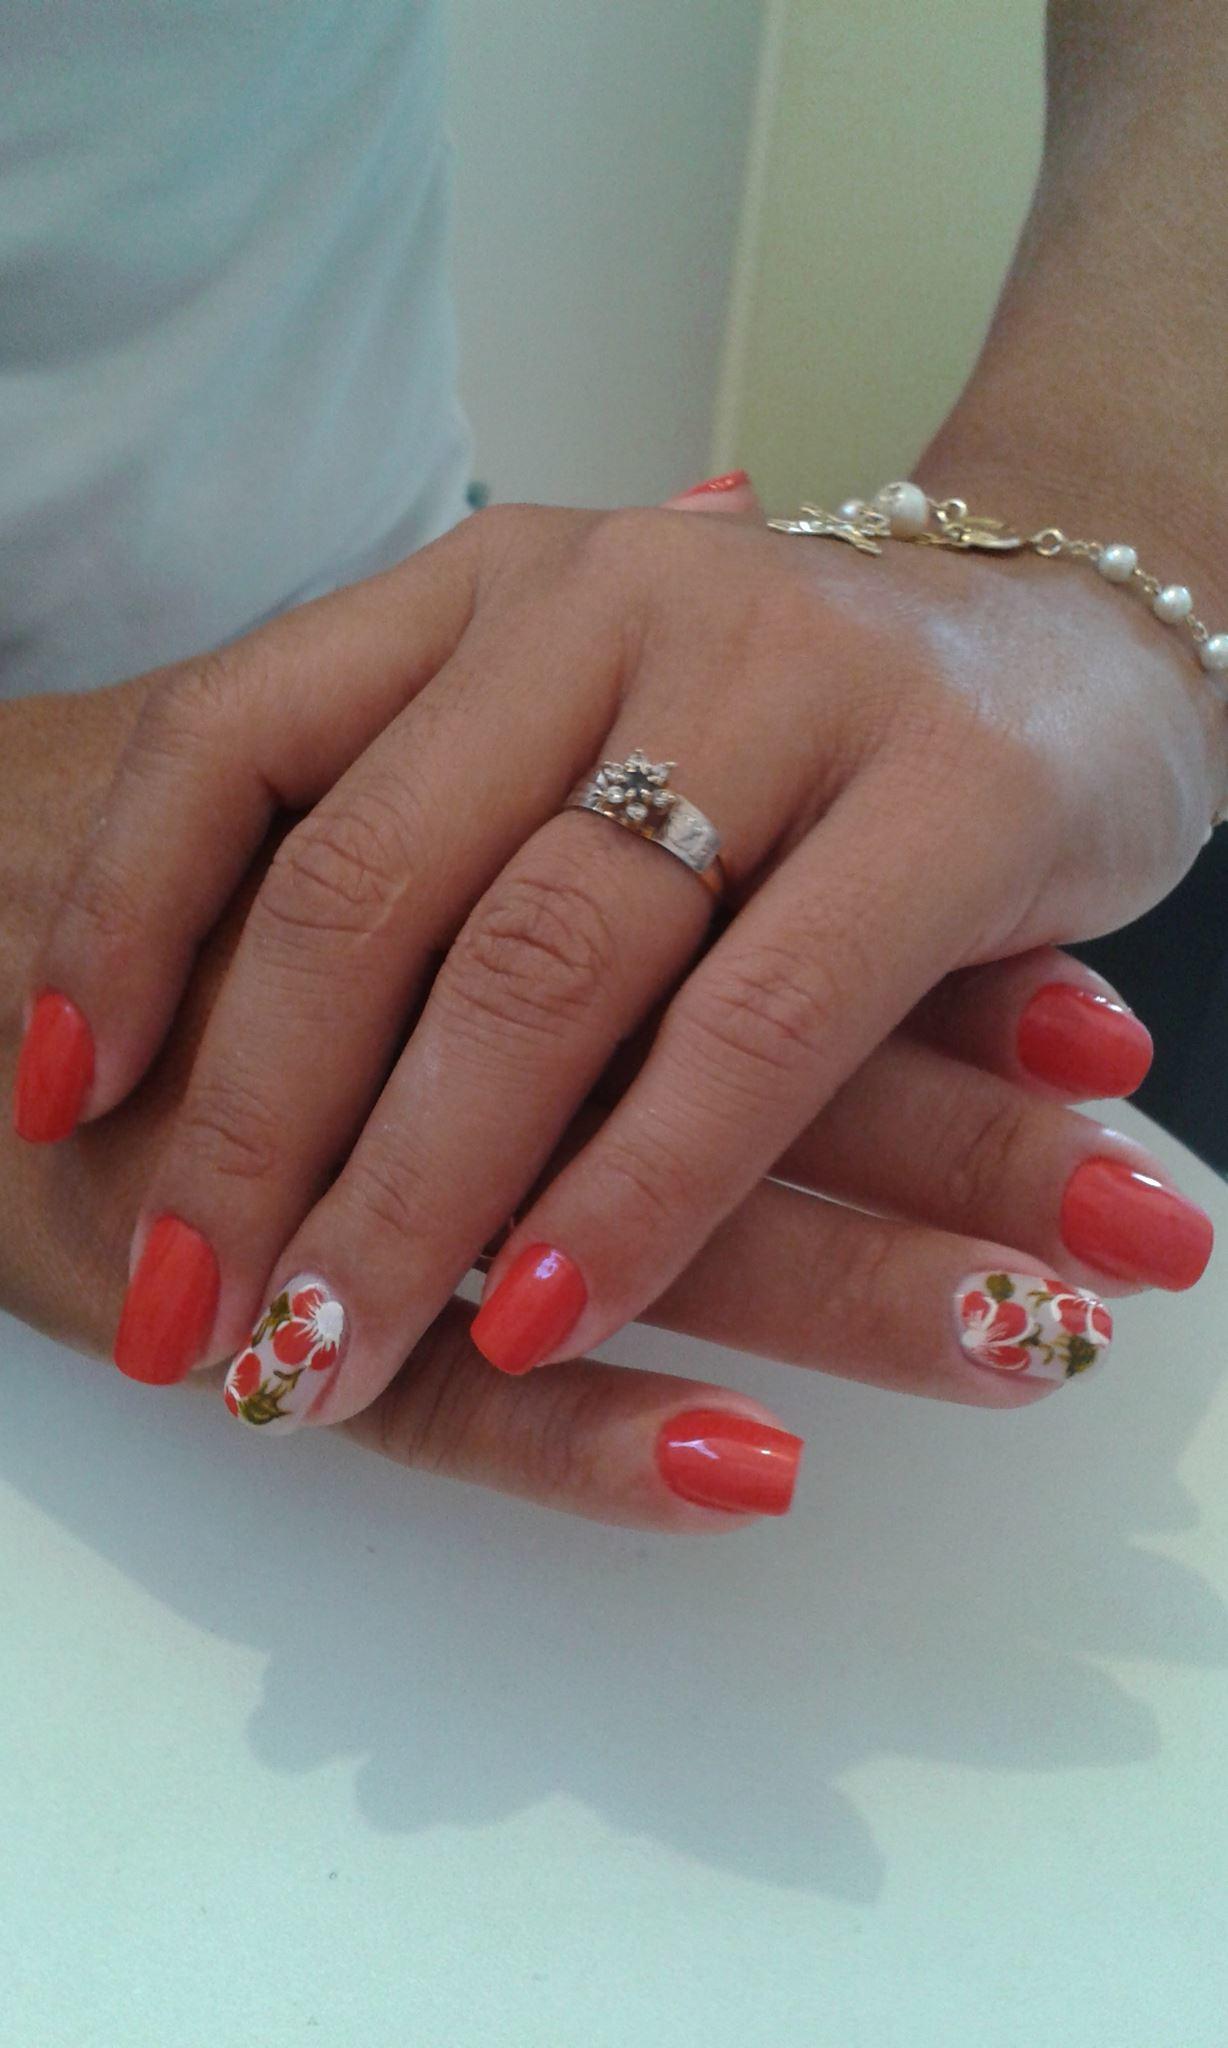 flor vermelha, vermelho cremoso, básico, dia-a-dia unhas  manicure e pedicure manicure e pedicure